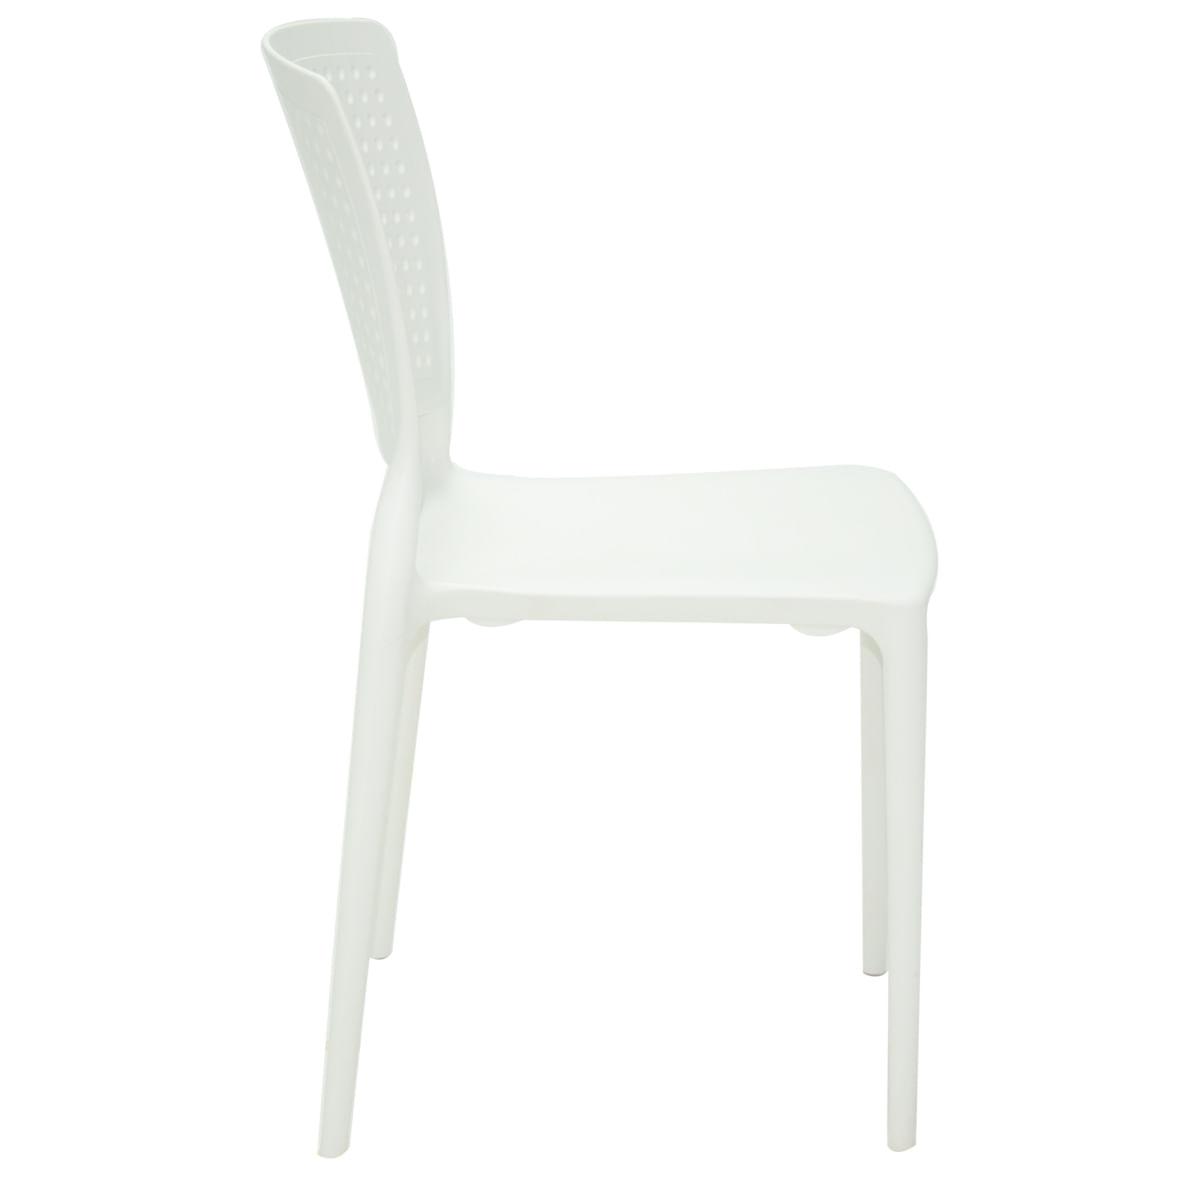 Cadeira Tramontina Safira Branca em Polipropileno e Fibra de Vidro